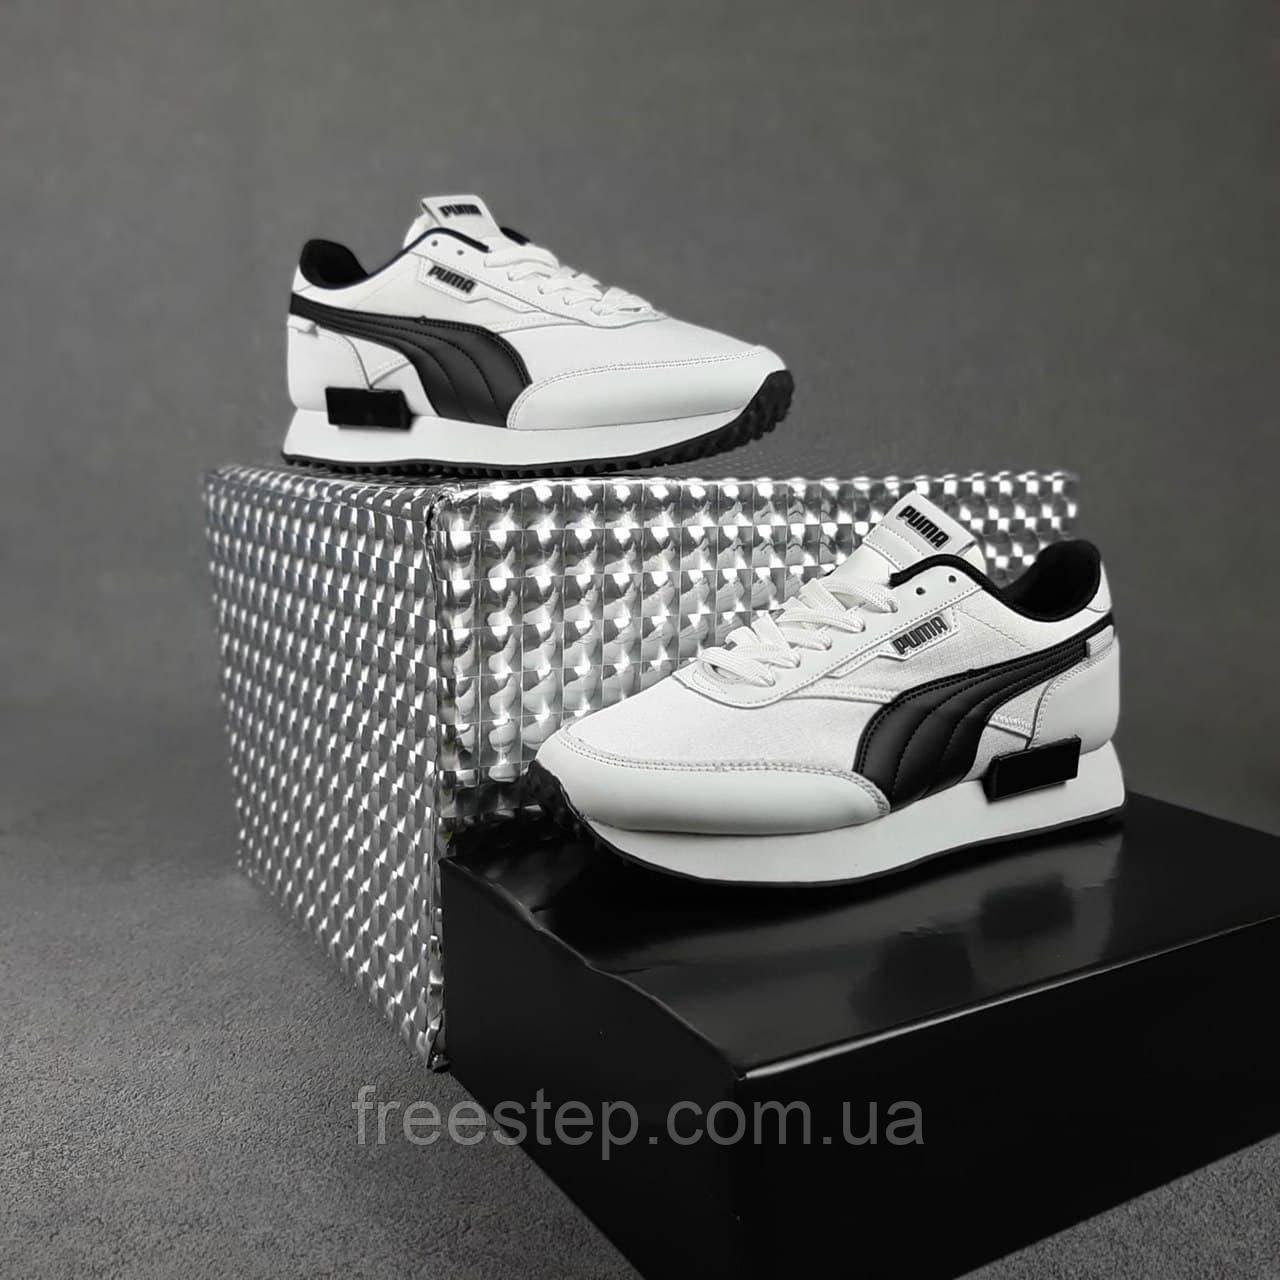 Жіночі кросівки в стилі Puma Future Rider білі з чорним